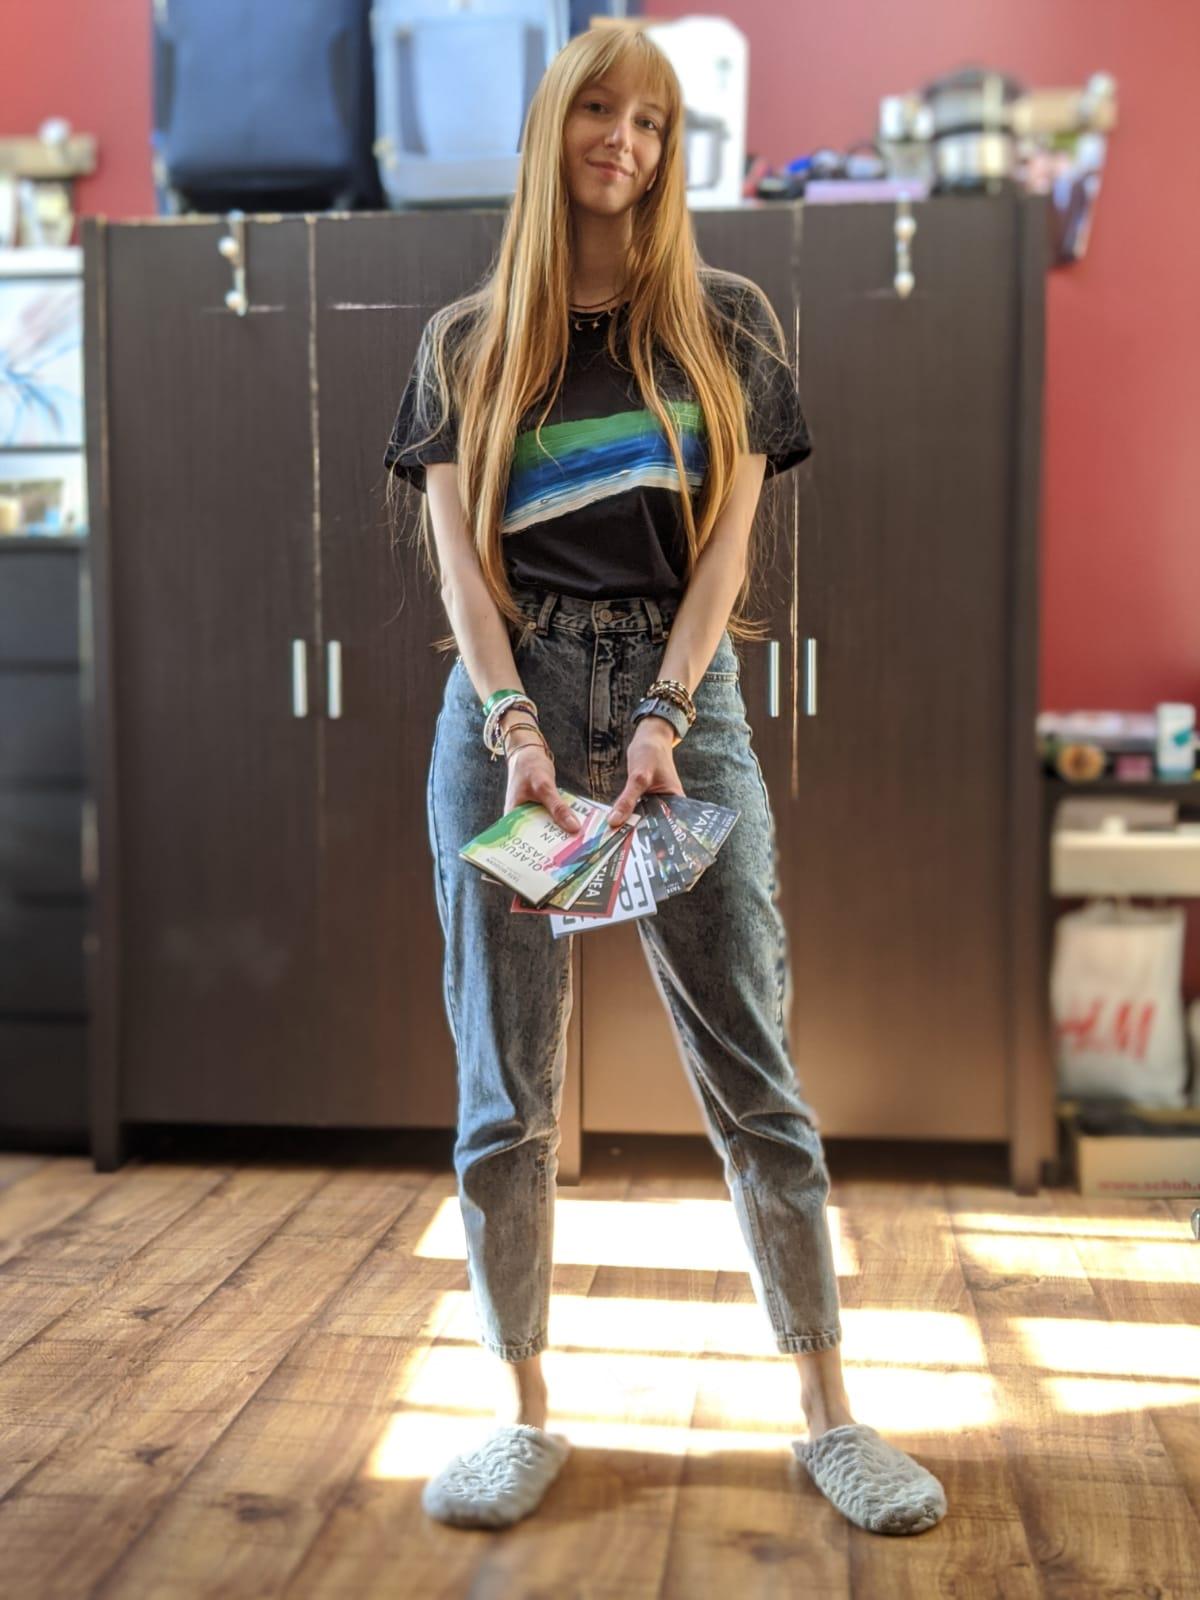 Cristina Ricci wearing Sani Label t-shirt for Tate Shop